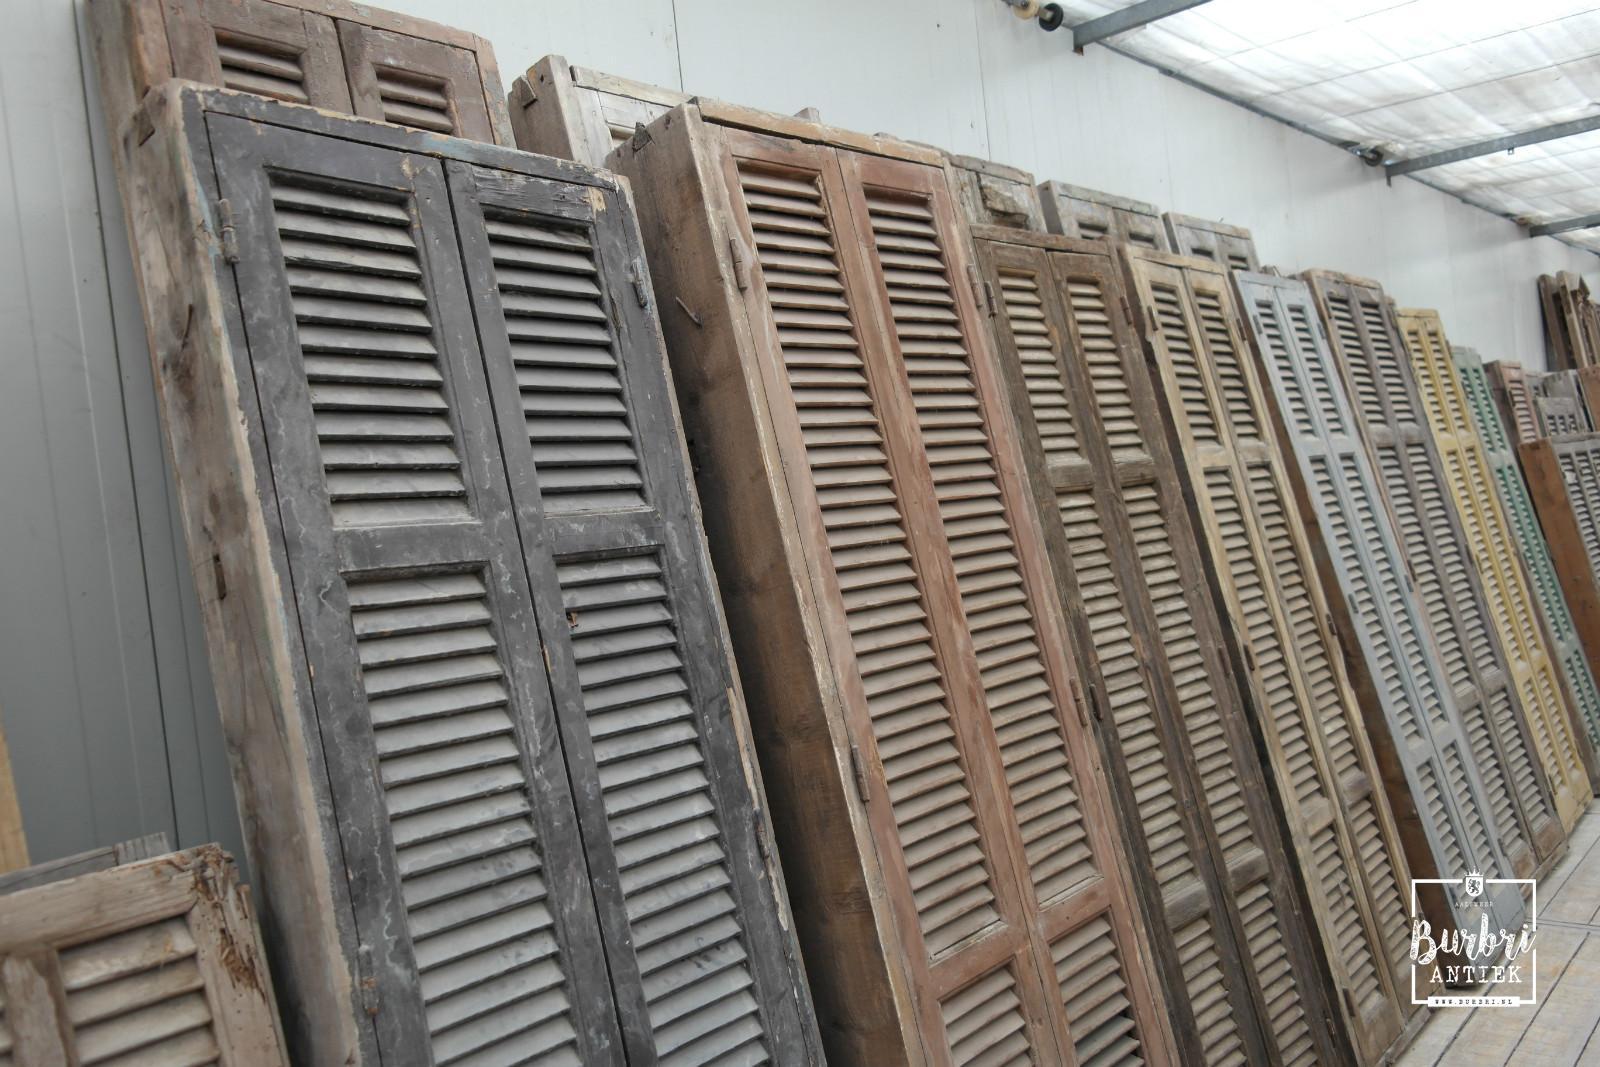 Oude kozijnen met louvre deuren - Oude luiken - Oude bouwmaterialen ...: www.burbri.nl/inventaris/oude-bouwmaterialen-oude-deuren-antiek...